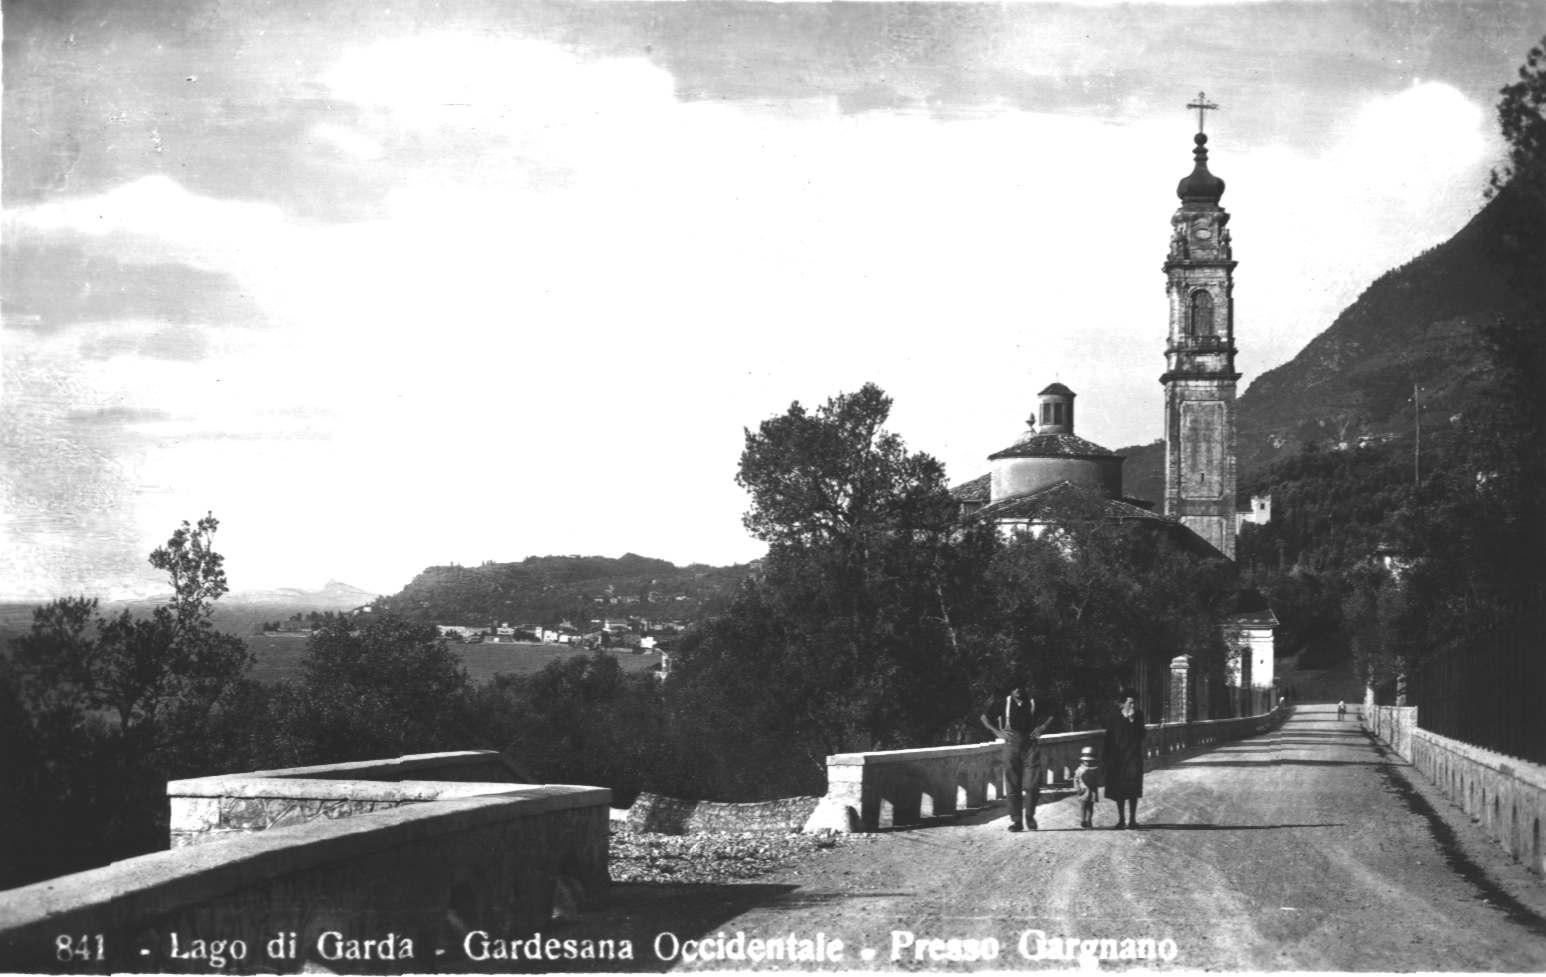 1931 - Einweihung des westlichen Gardesana